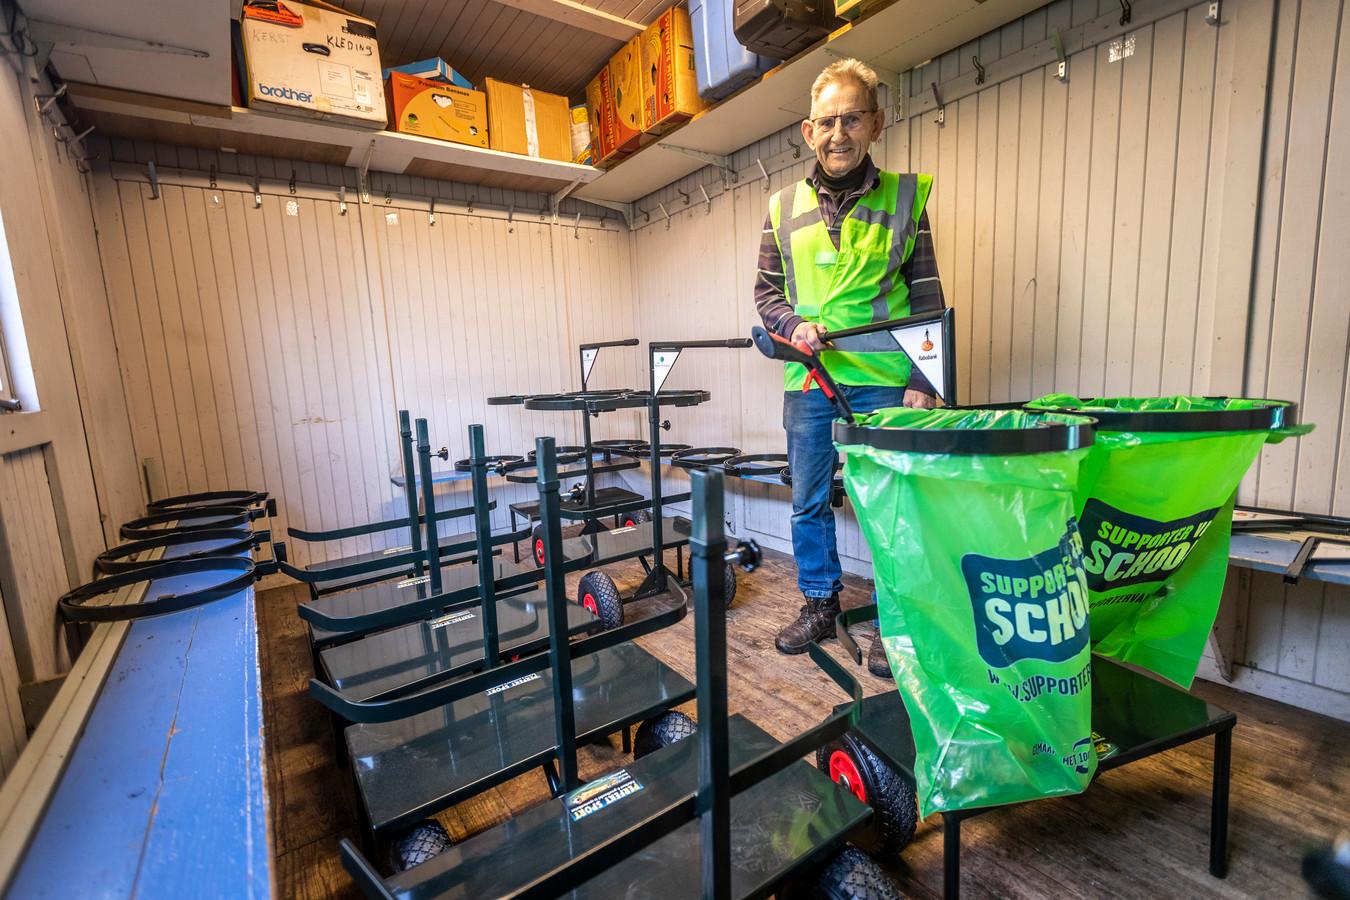 Piet Michiels bij de karren in Reusel die zijn geschonken door de gemeente en de Rabobank om vrijwilligers zwerfafval op te laten ruimen in de gemeente.